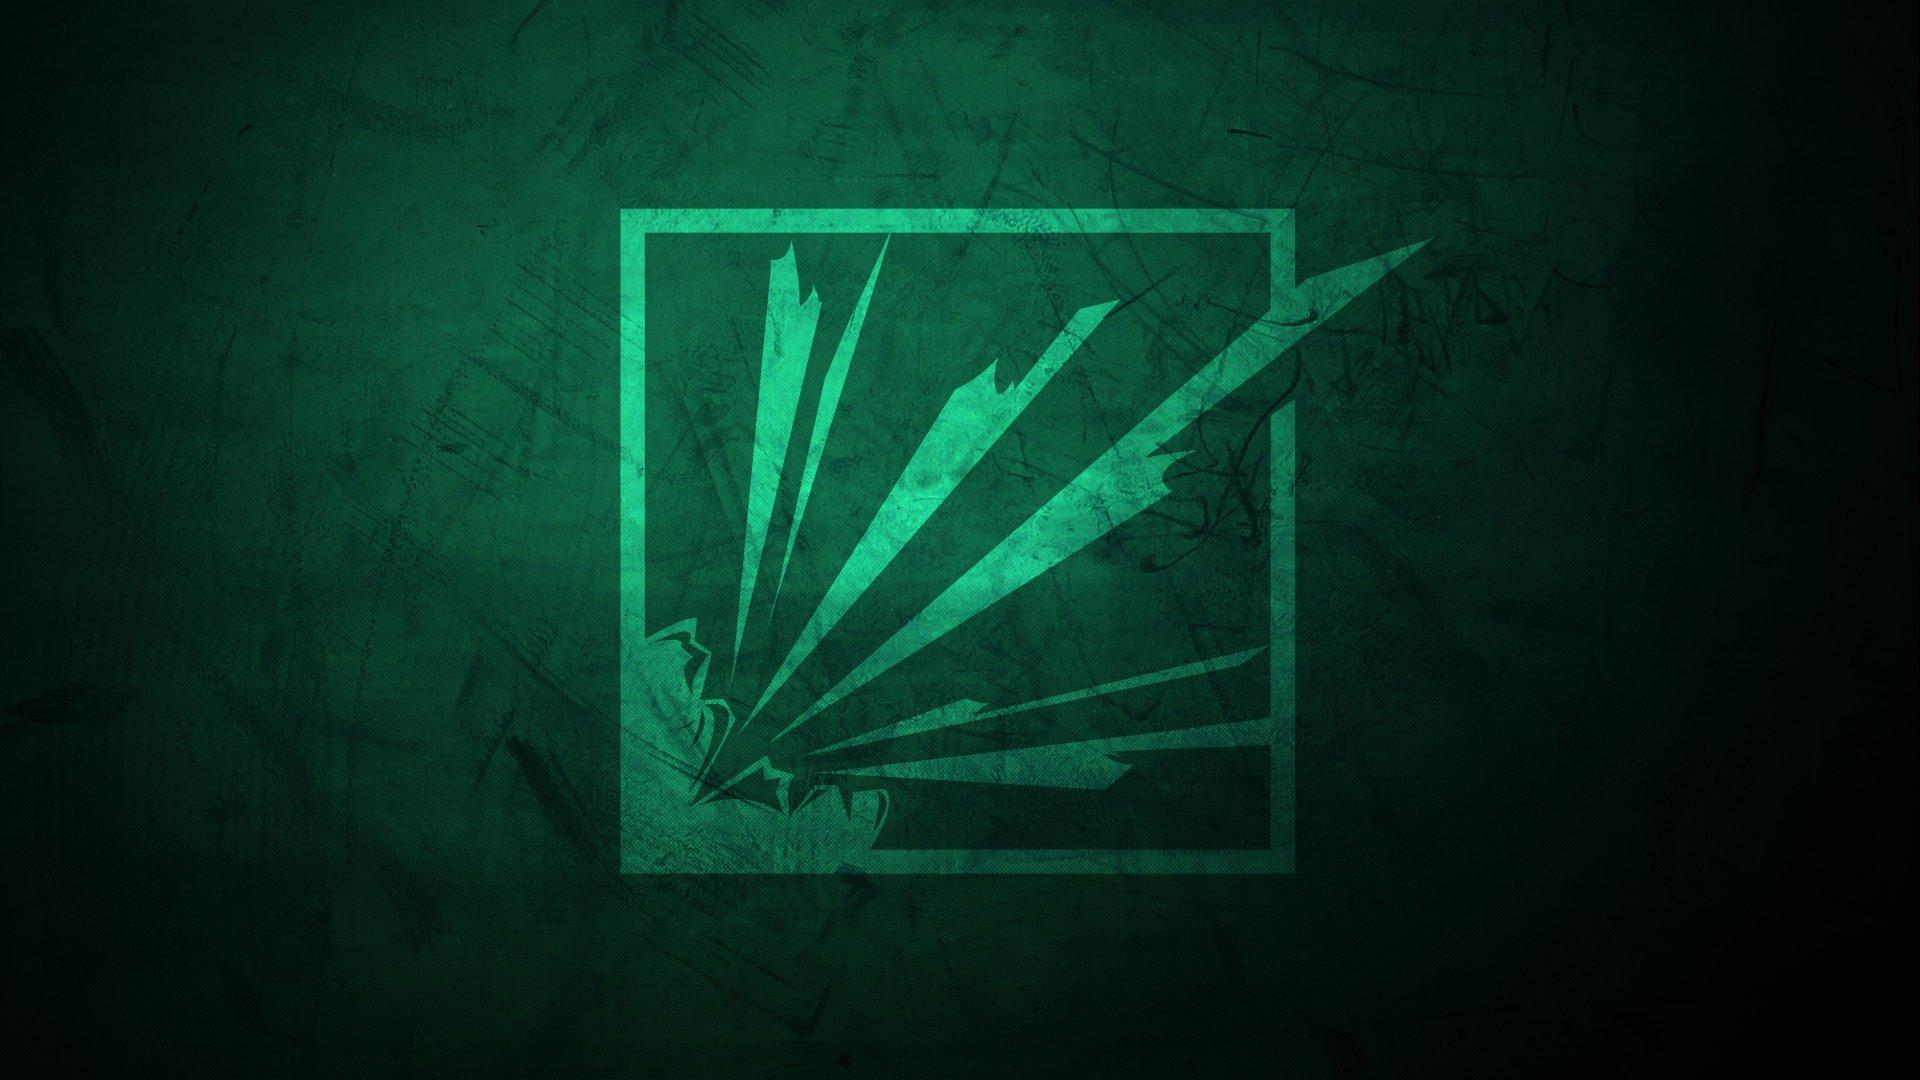 Datorspel - Tom Clancy's Rainbow Six: Siege  Fan Art Operation High Death Bakgrund